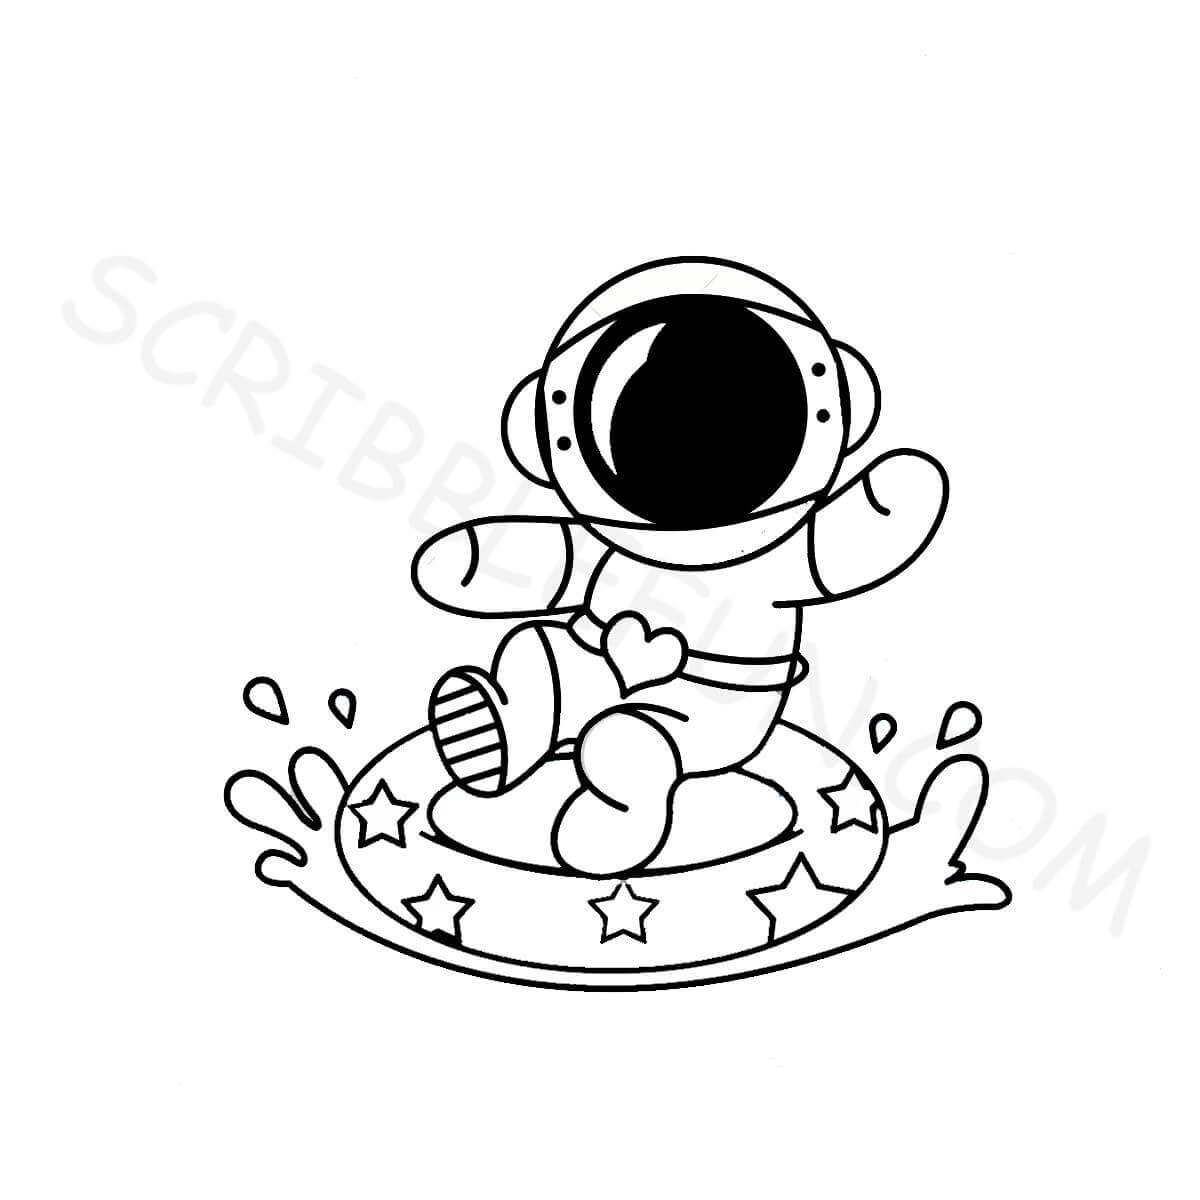 Spaceman enjoying the waves